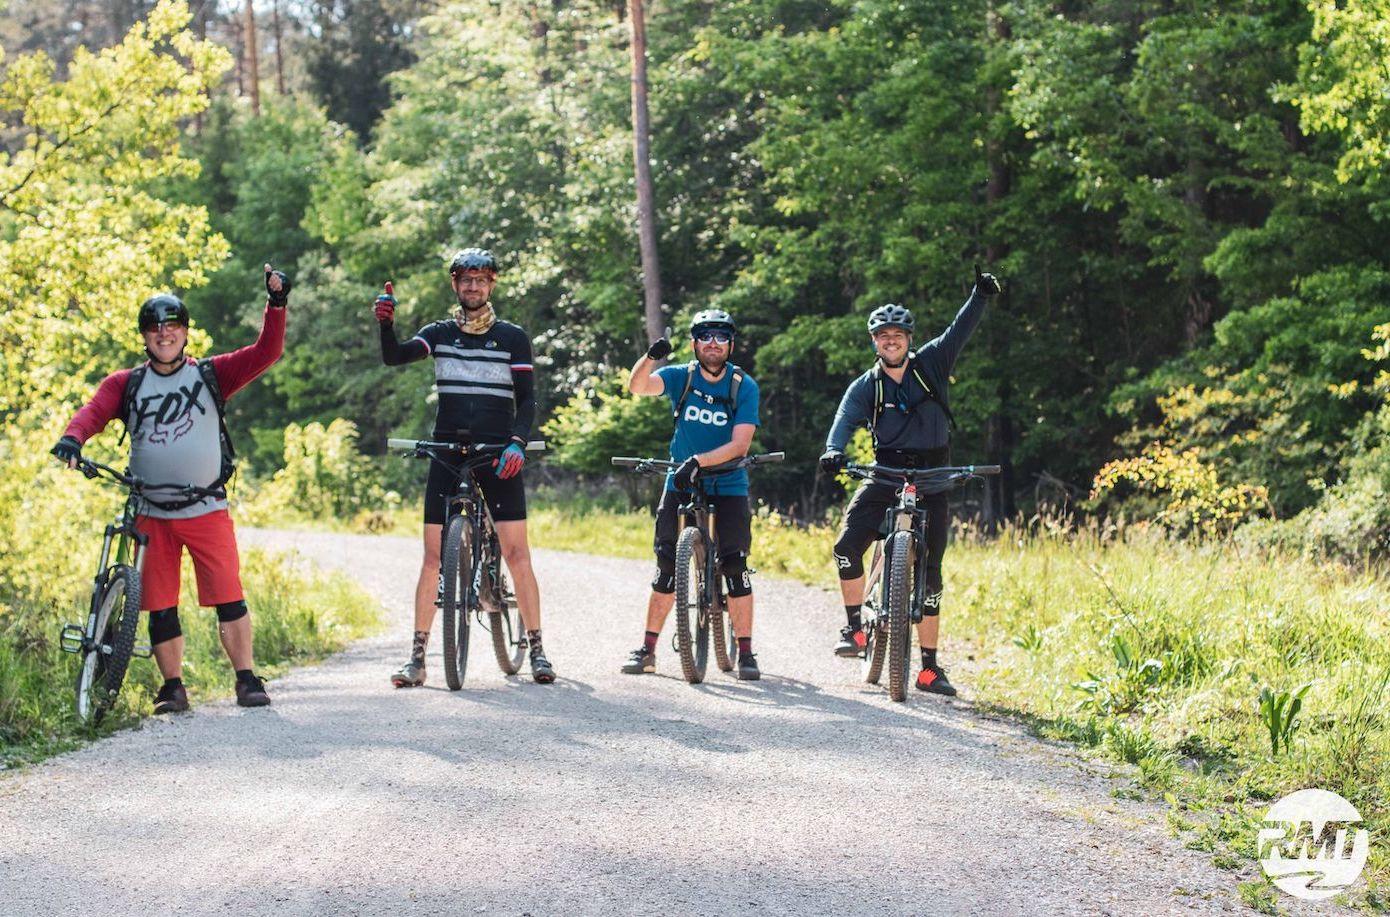 MTB Fahrtechnik Kurs für Einsteiger in Witten - Ruhrgebiet - Mountainbike Basic Ruhrgebit Trail Anfänger - Rock my Trail Bikeschule GmbH - 24